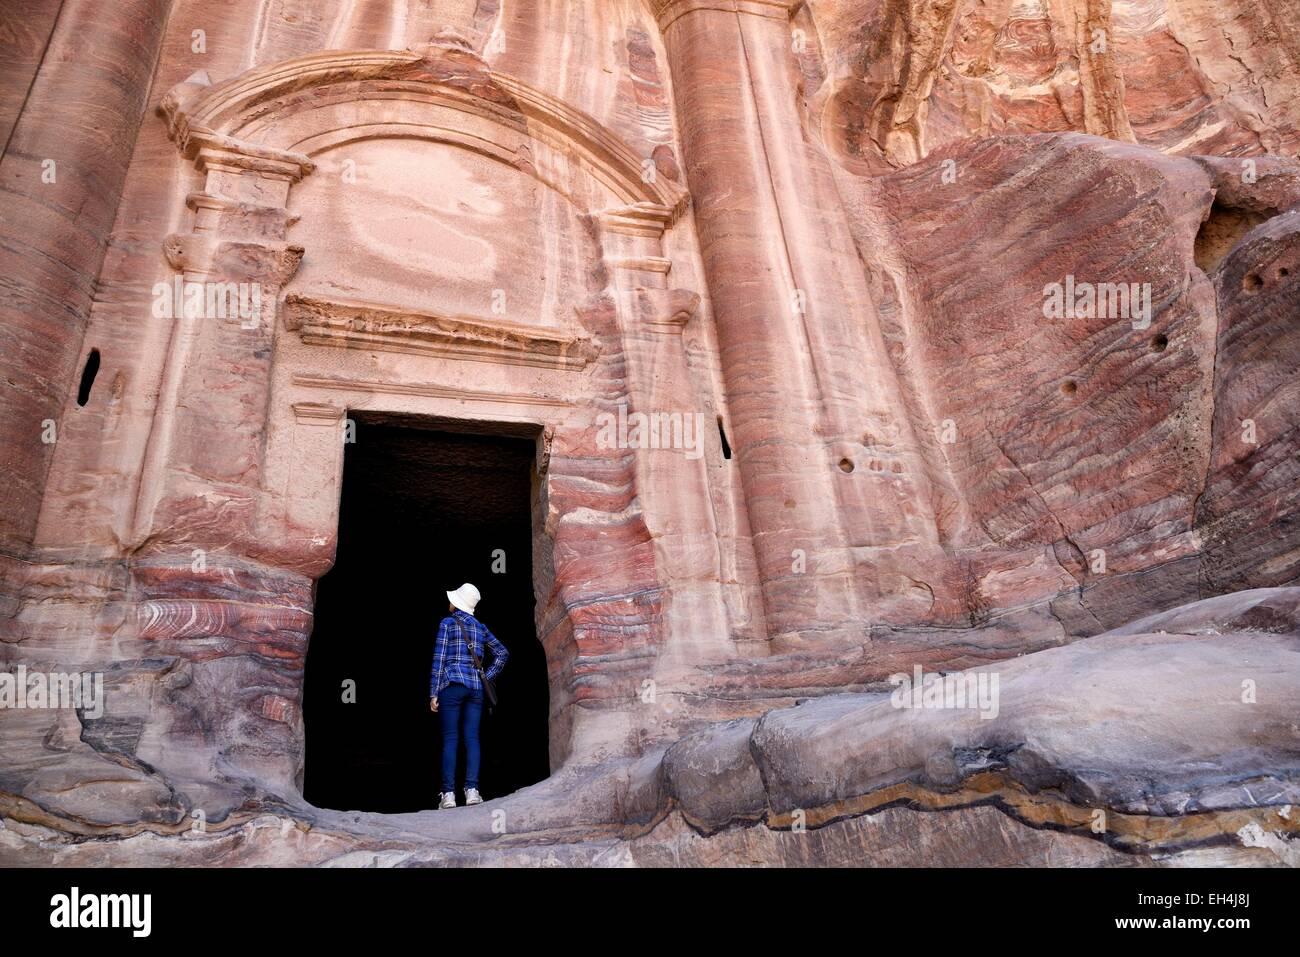 Jordania, Nabataean sitio arqueológico de Petra, catalogada como Patrimonio de la Humanidad por la UNESCO, Imagen De Stock